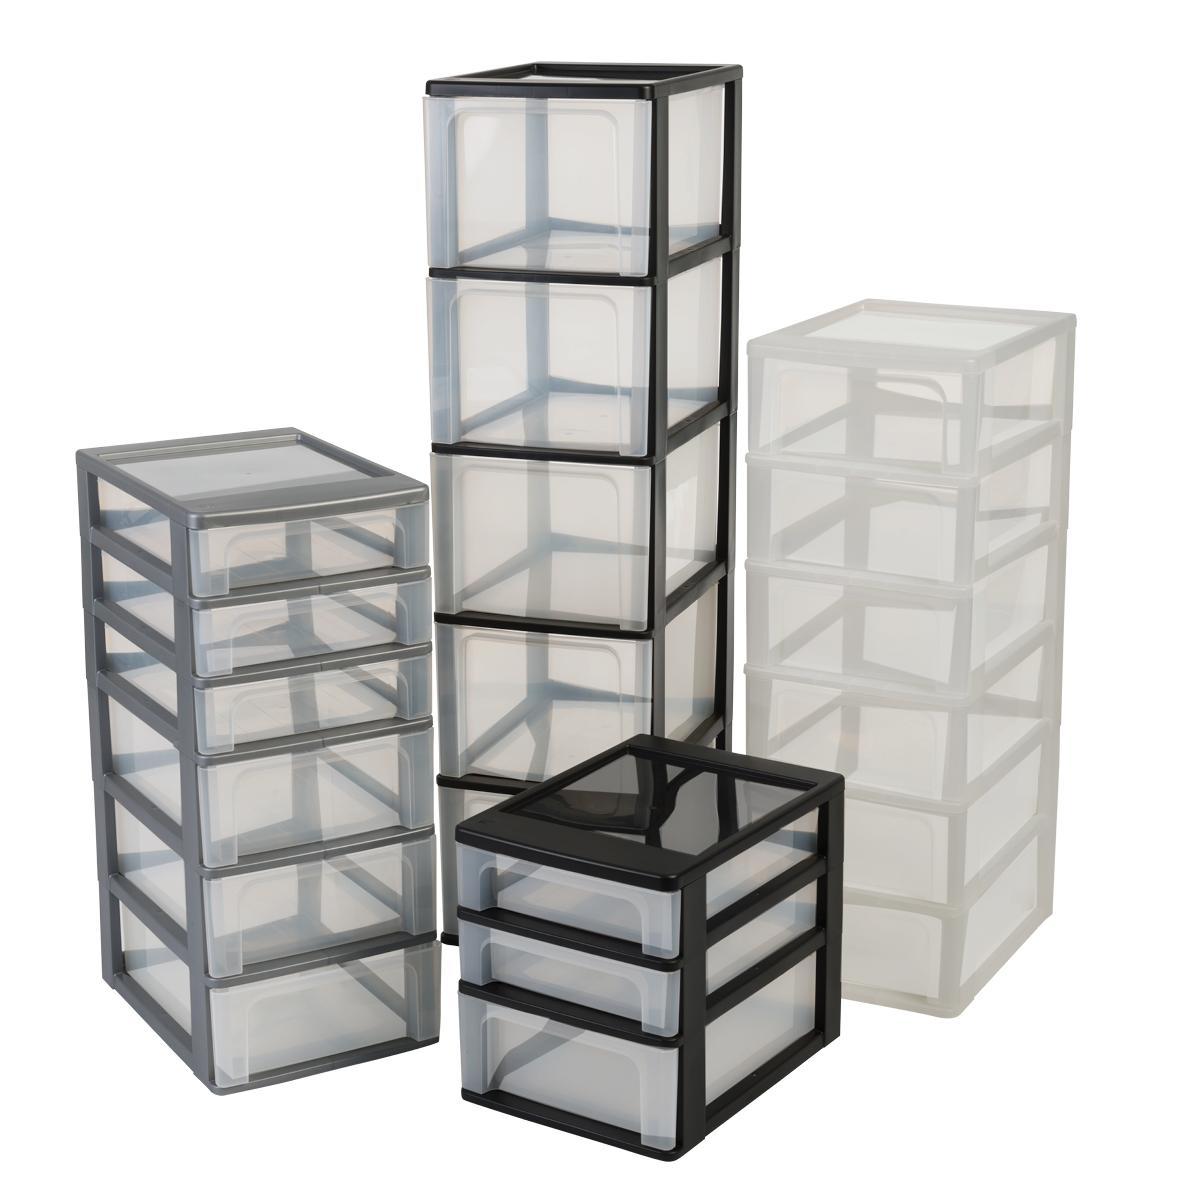 iris organizer chest och 2006 schubladencontainer schrank kunststoff schwarz transparent. Black Bedroom Furniture Sets. Home Design Ideas